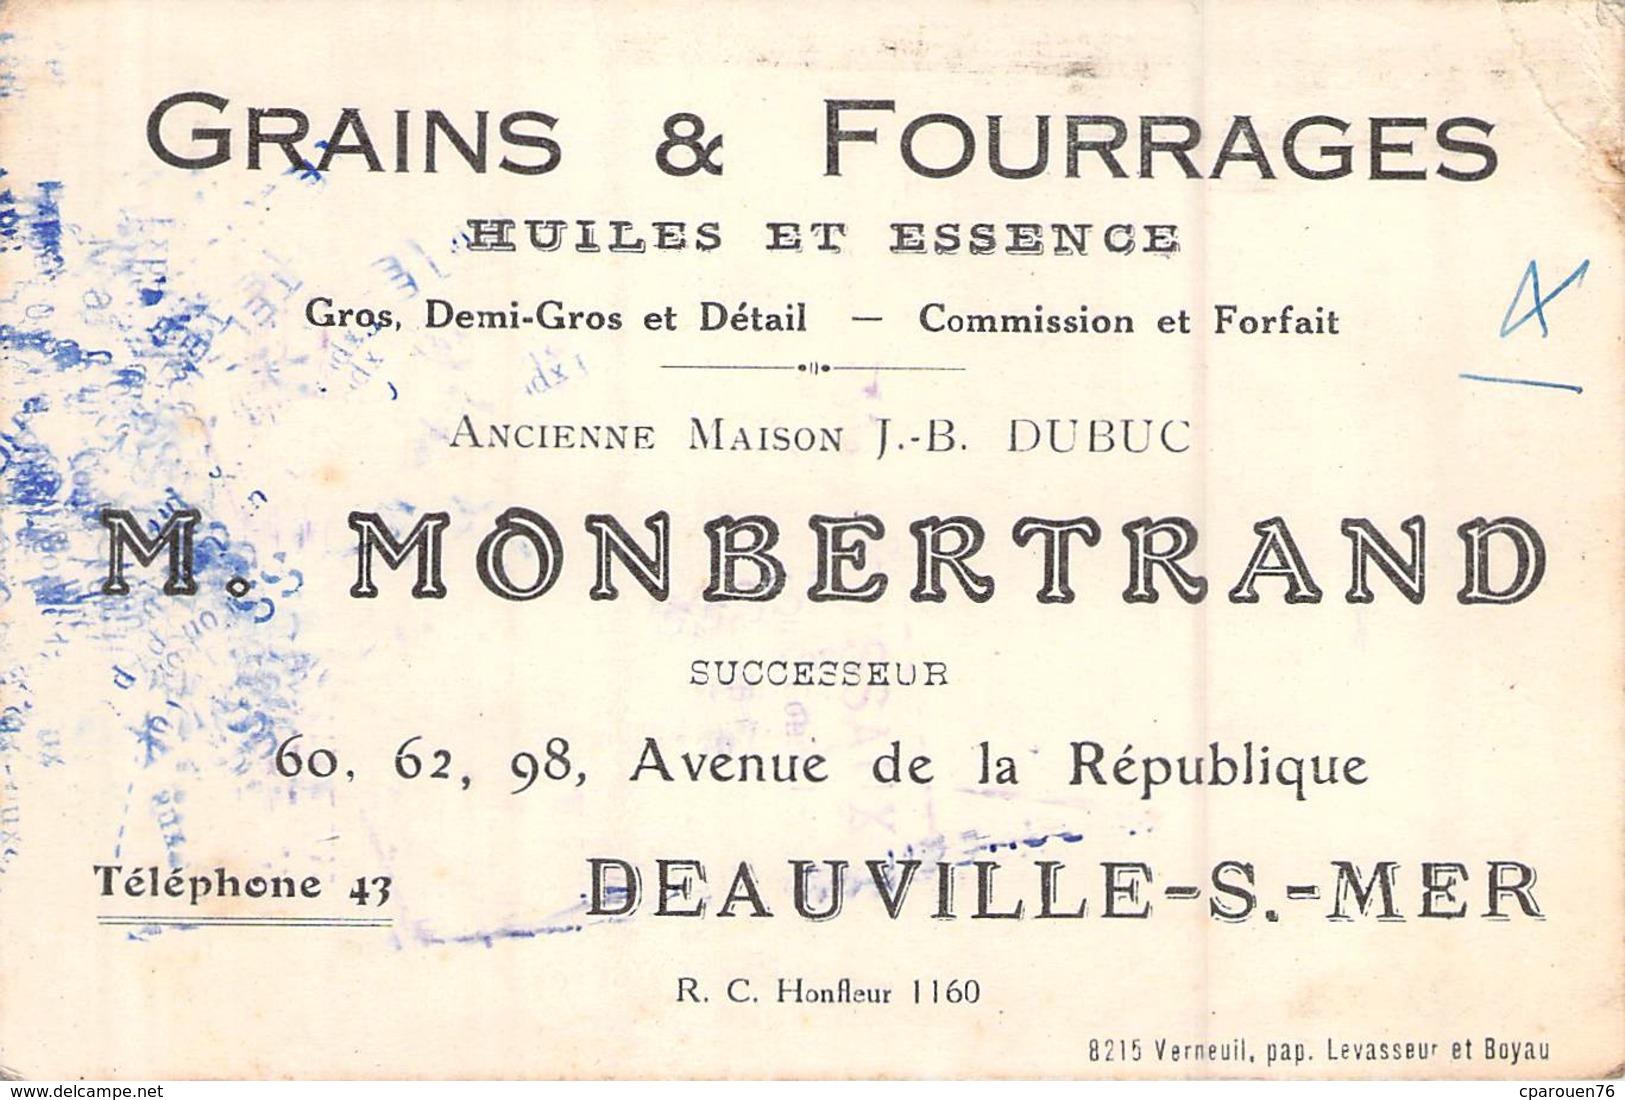 Carte De Visite GRAINS FOURRAGES HUILES ESSENCES MONBERTRAND DEAUVILLE SUR MER 14 AE DE LA REPUBLIQUE 60.62.98 - Visiting Cards